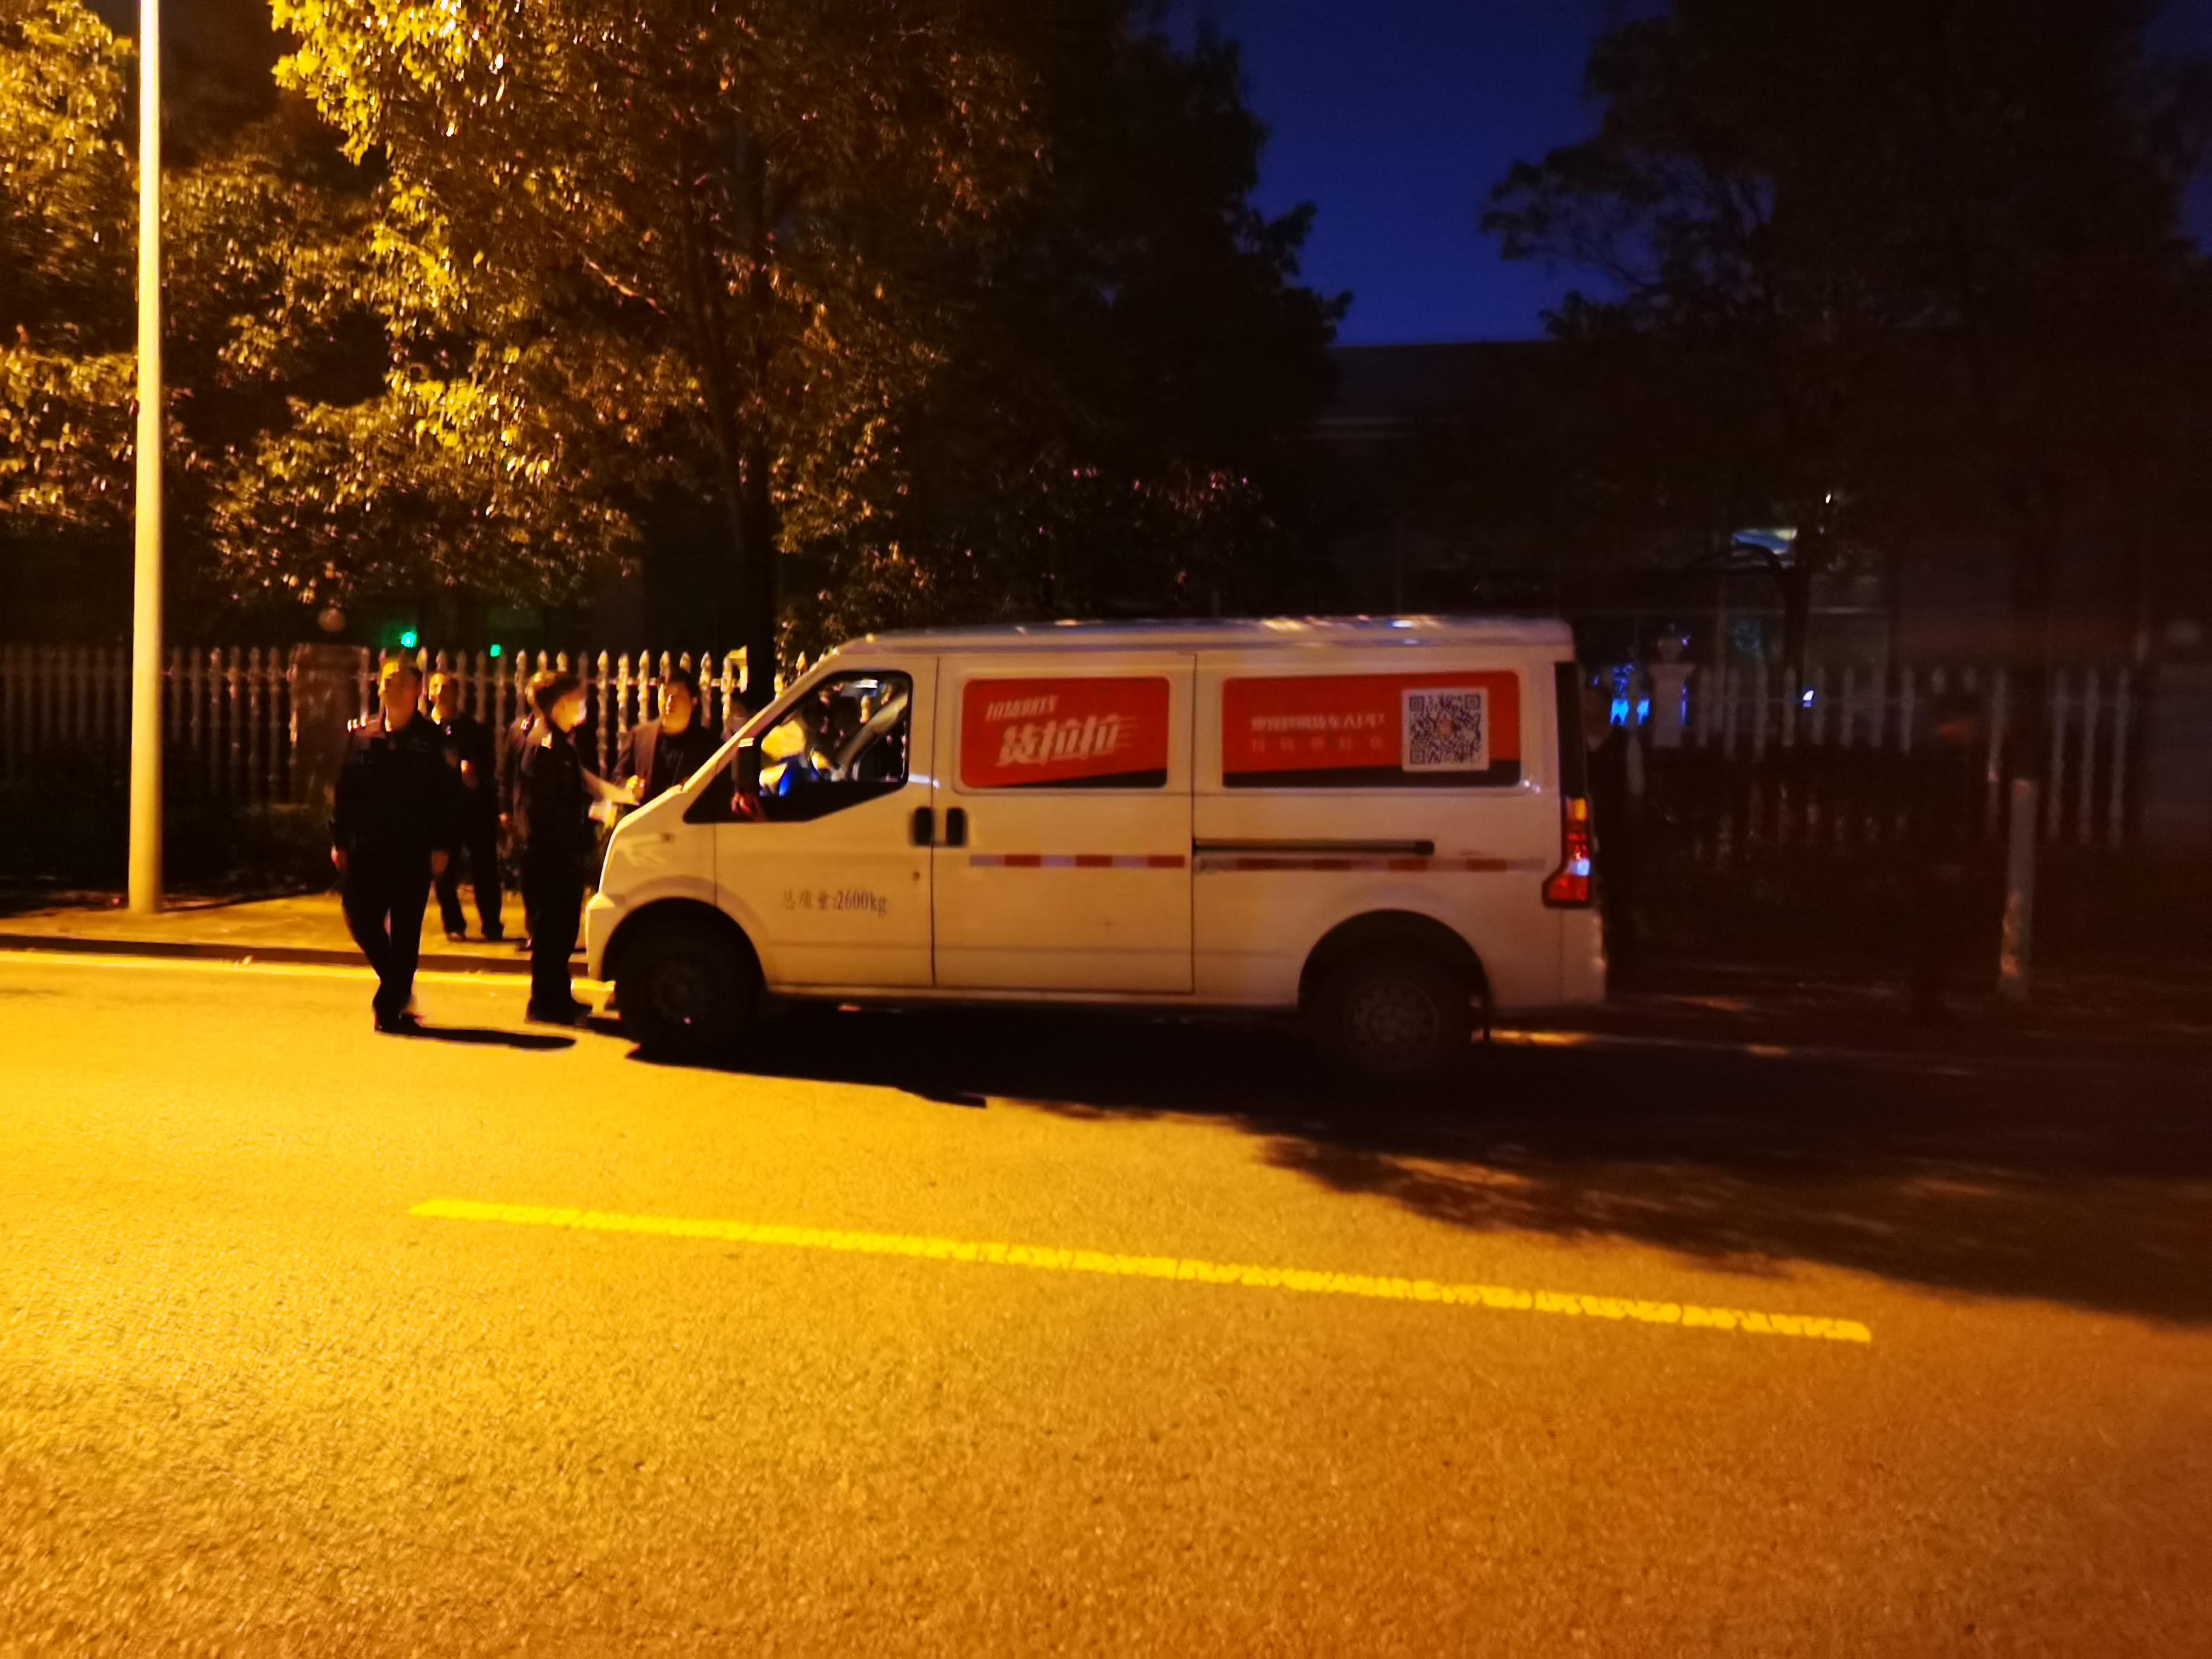 2月22日晚,公安民警在事发路段再次进行现场勘查。